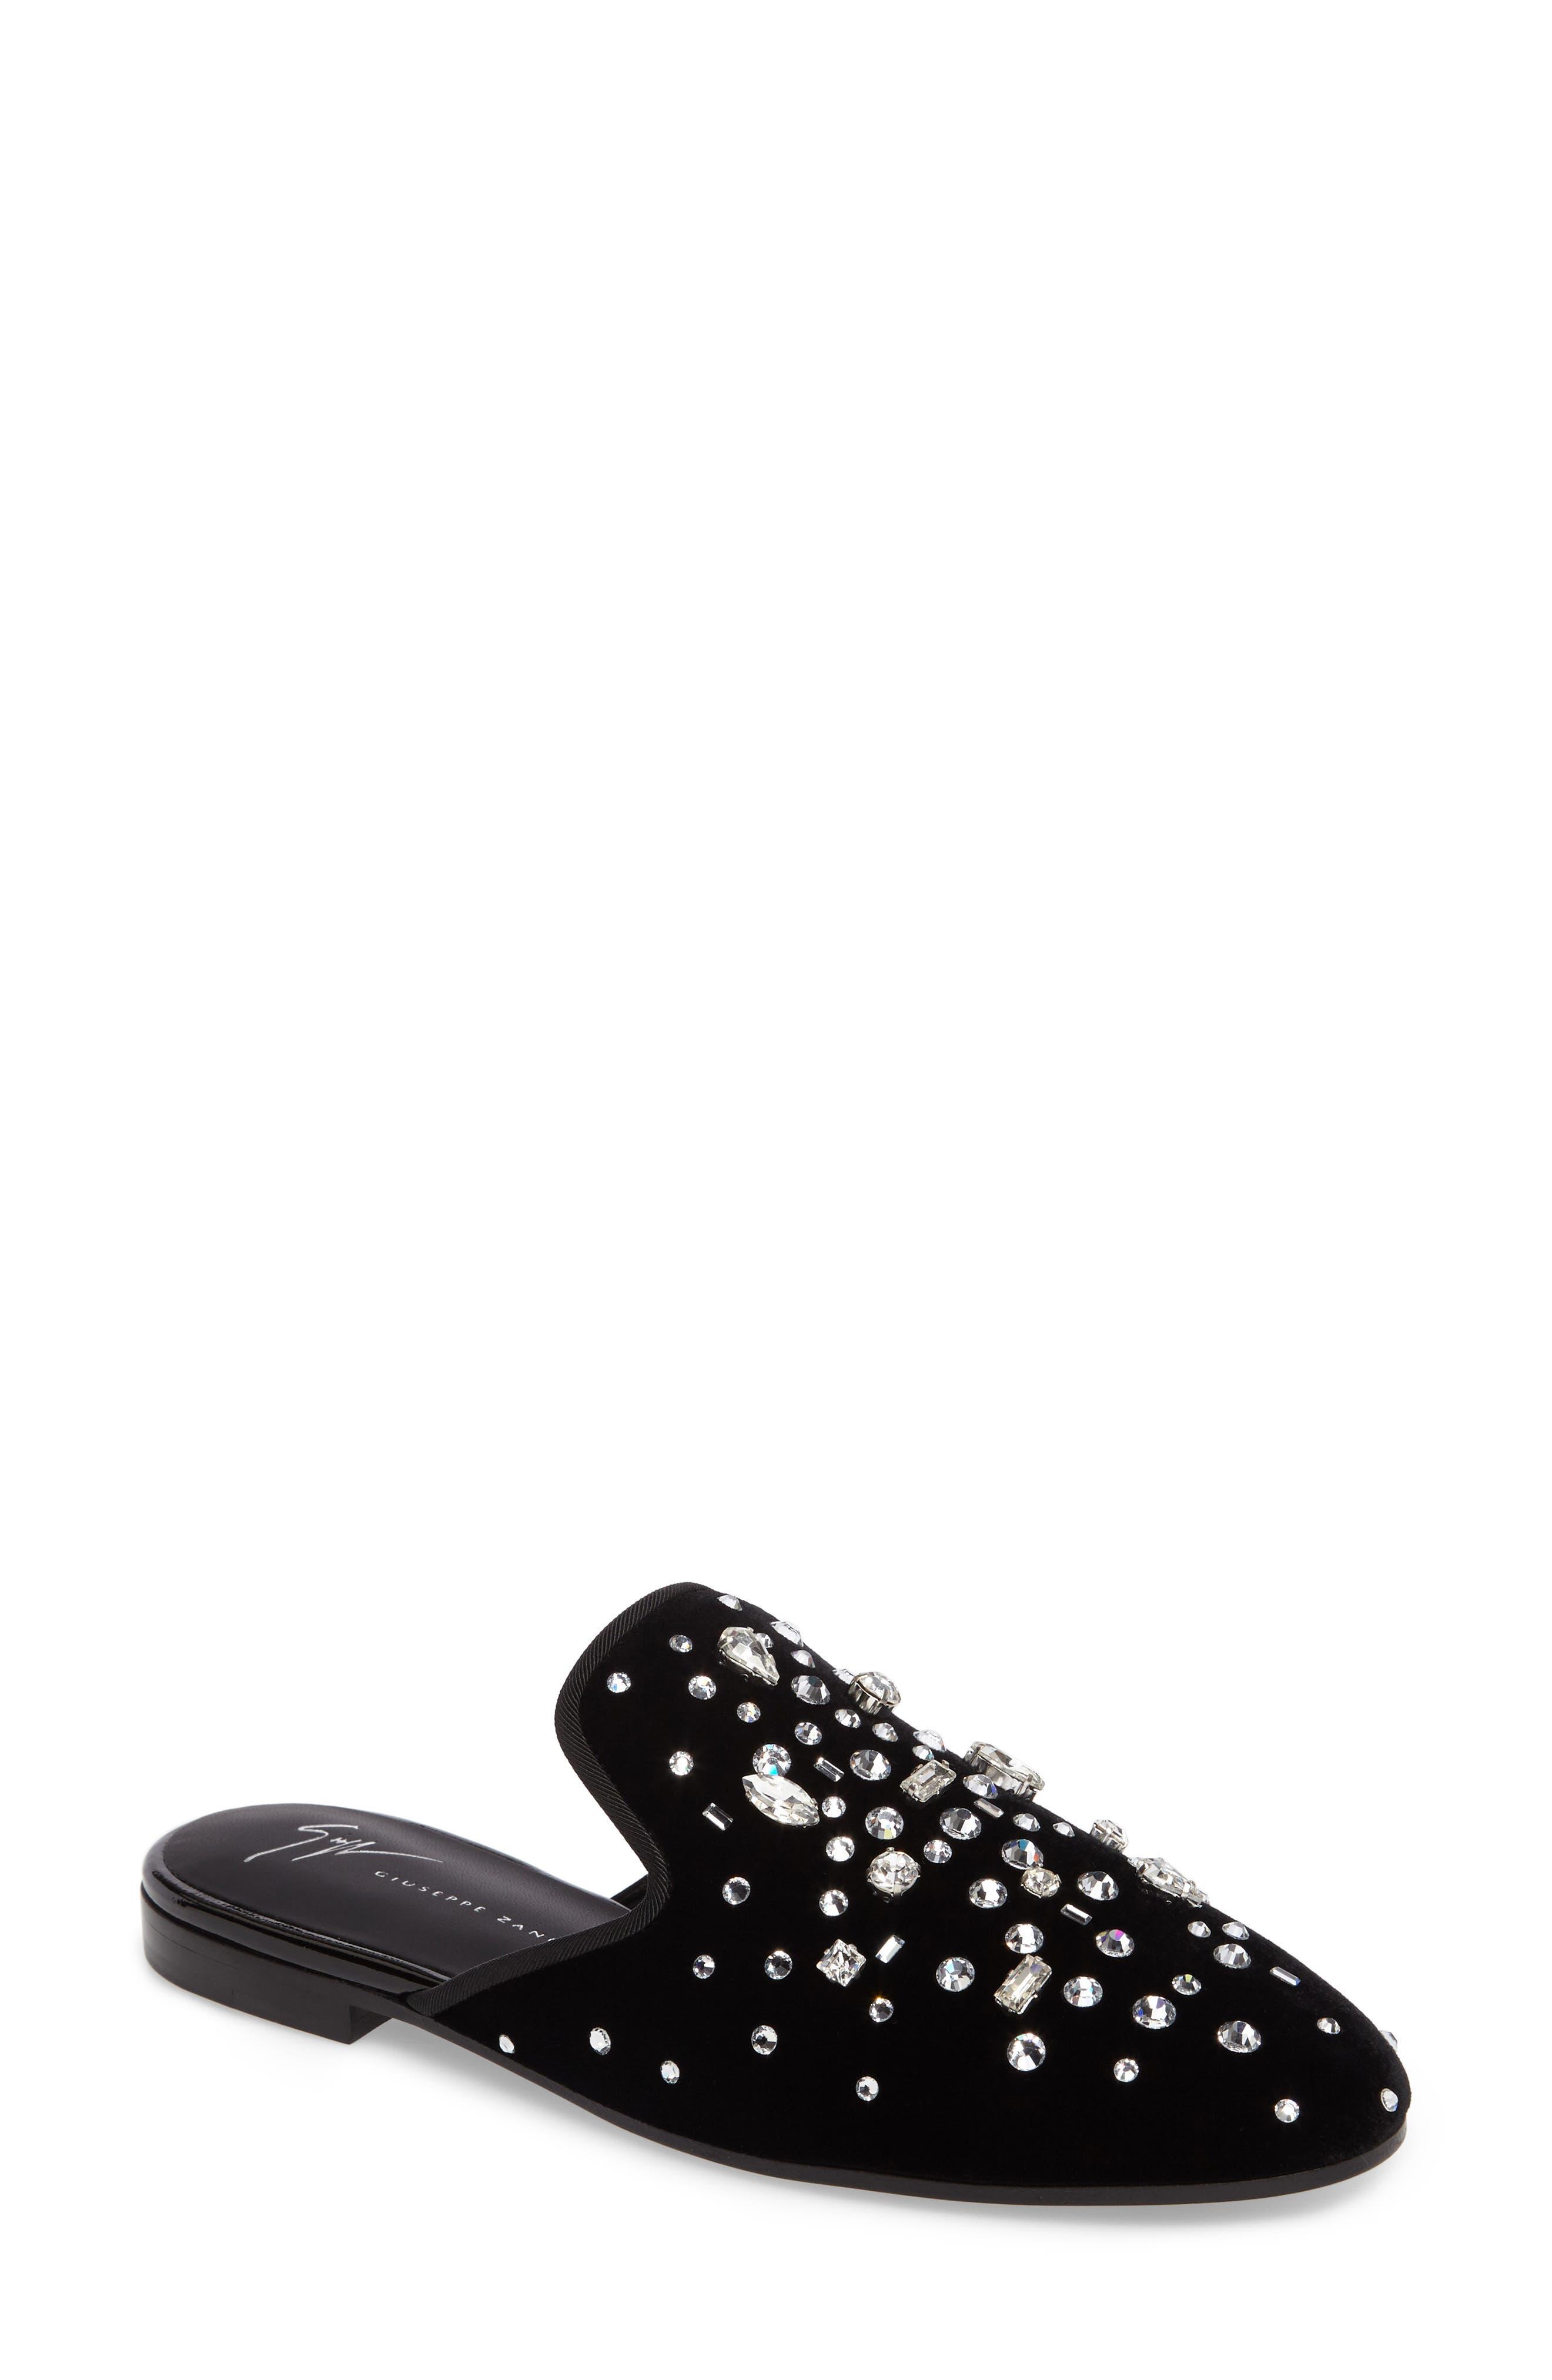 Alternate Image 1 Selected - Giuseppe Zanotti Embellished Velvet Loafer Mule (Women)